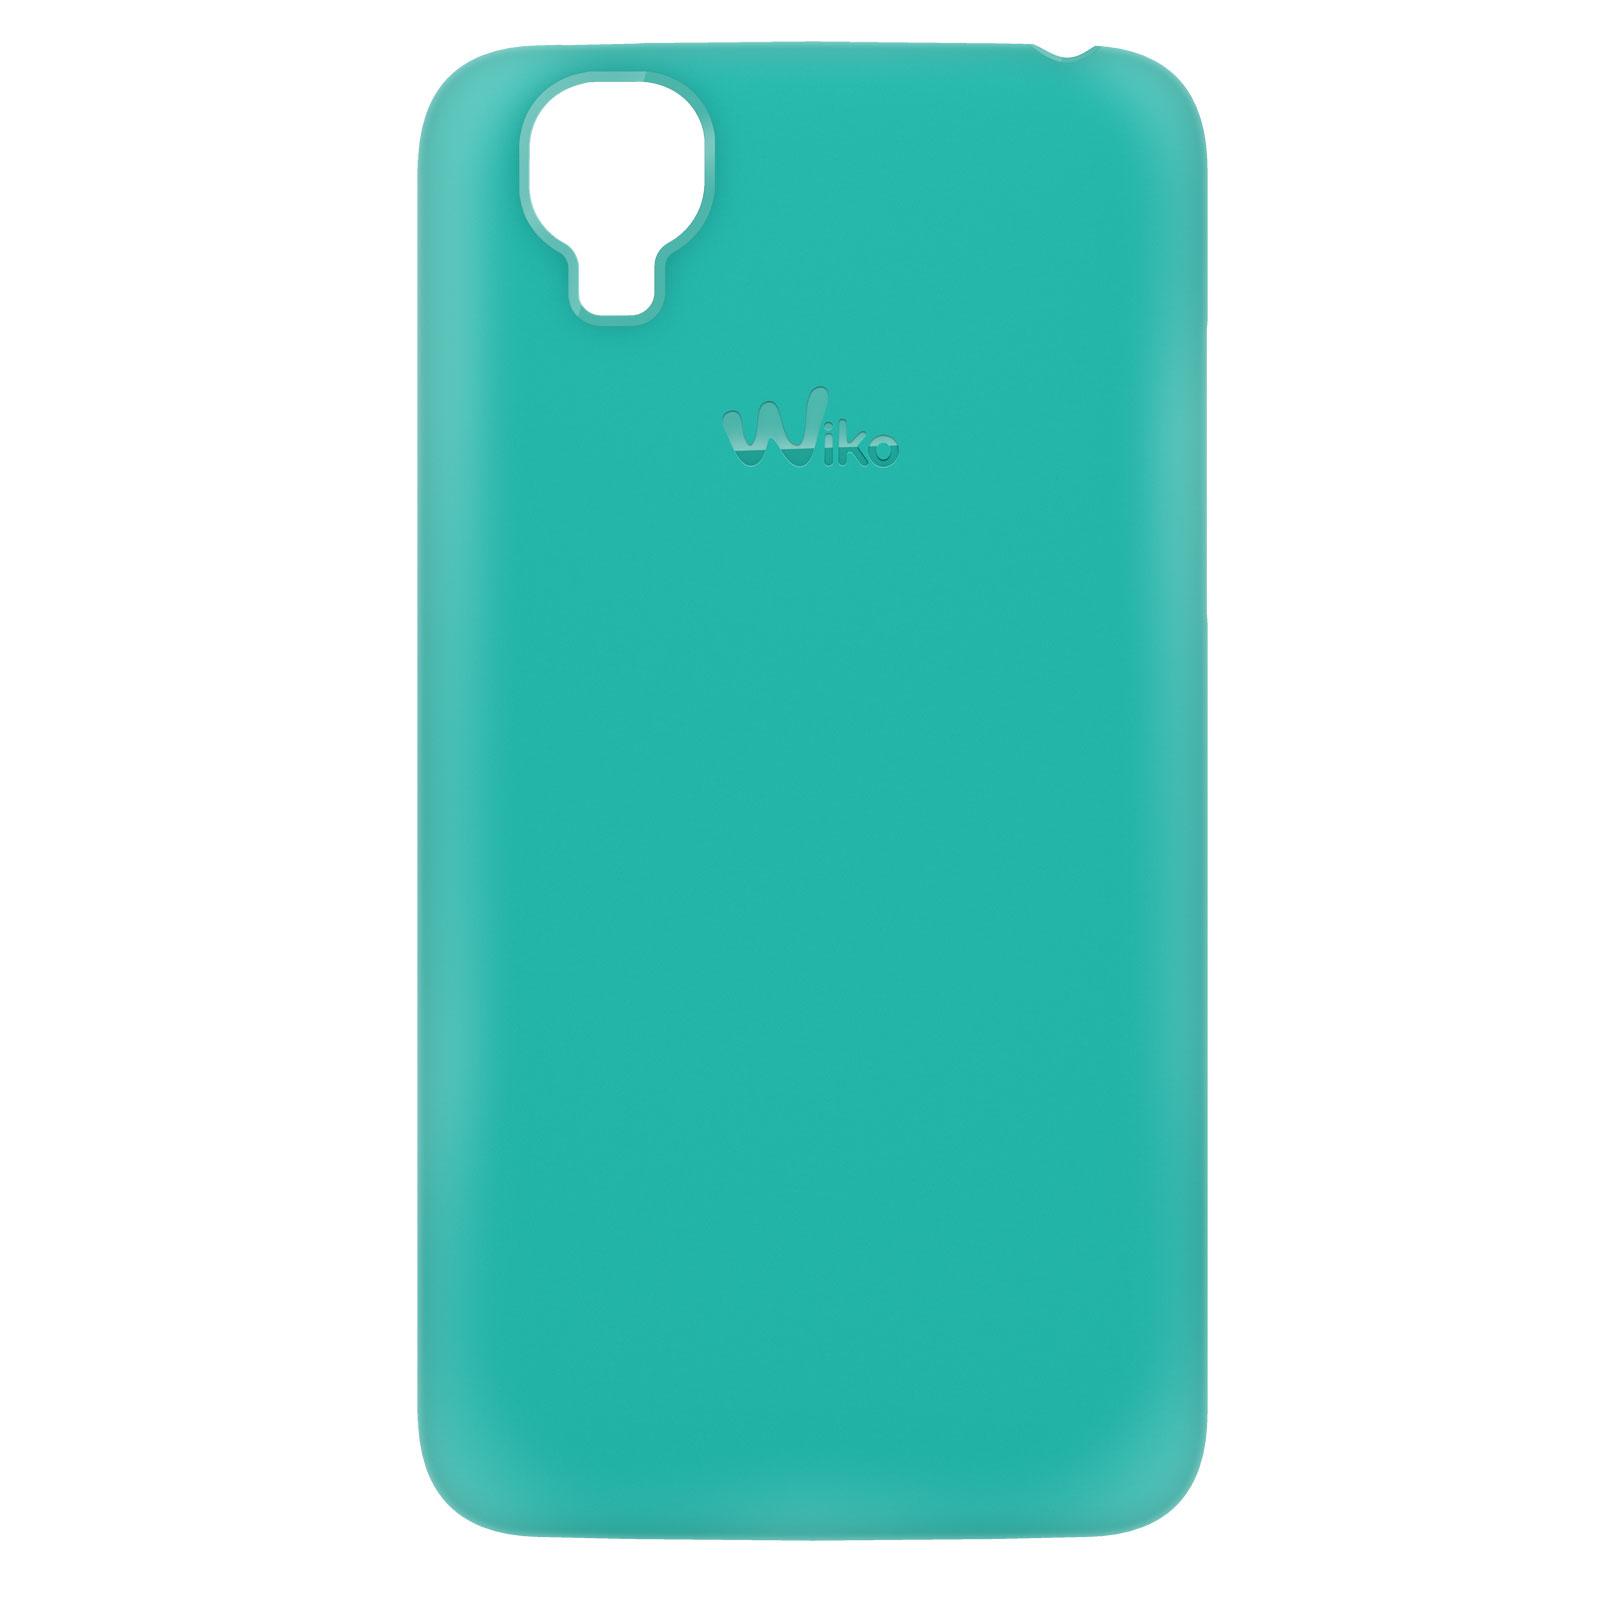 Coque smartphone Wiko 2 coques Fuschia et Turquoise pour Wiko Goa e7Bn0